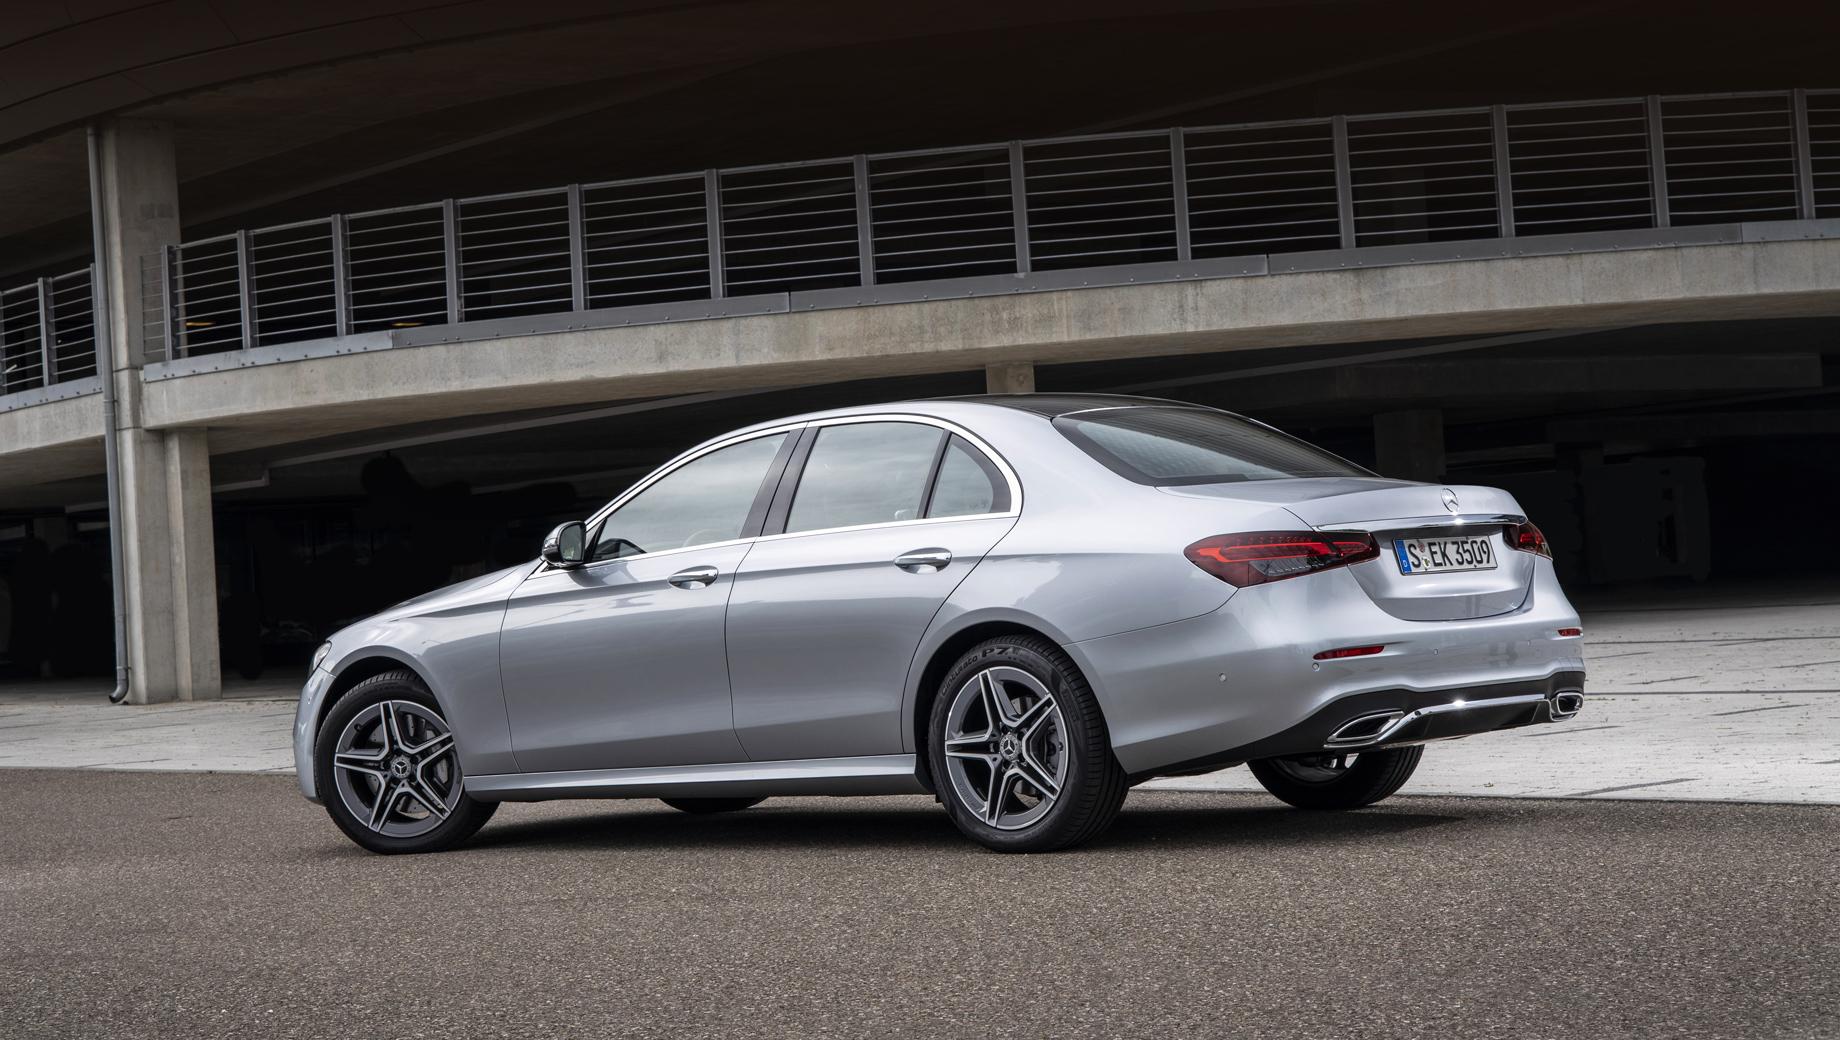 Mercedes e,Mercedes amg gt,Mercedes gle,Mercedes gls,Fiat doblo,Jeep grand cherokee,Suzuki jimny. Актуальный E-класс последний раз приглашался на сервис в декабре прошлого года из-за риска короткого замыкания.